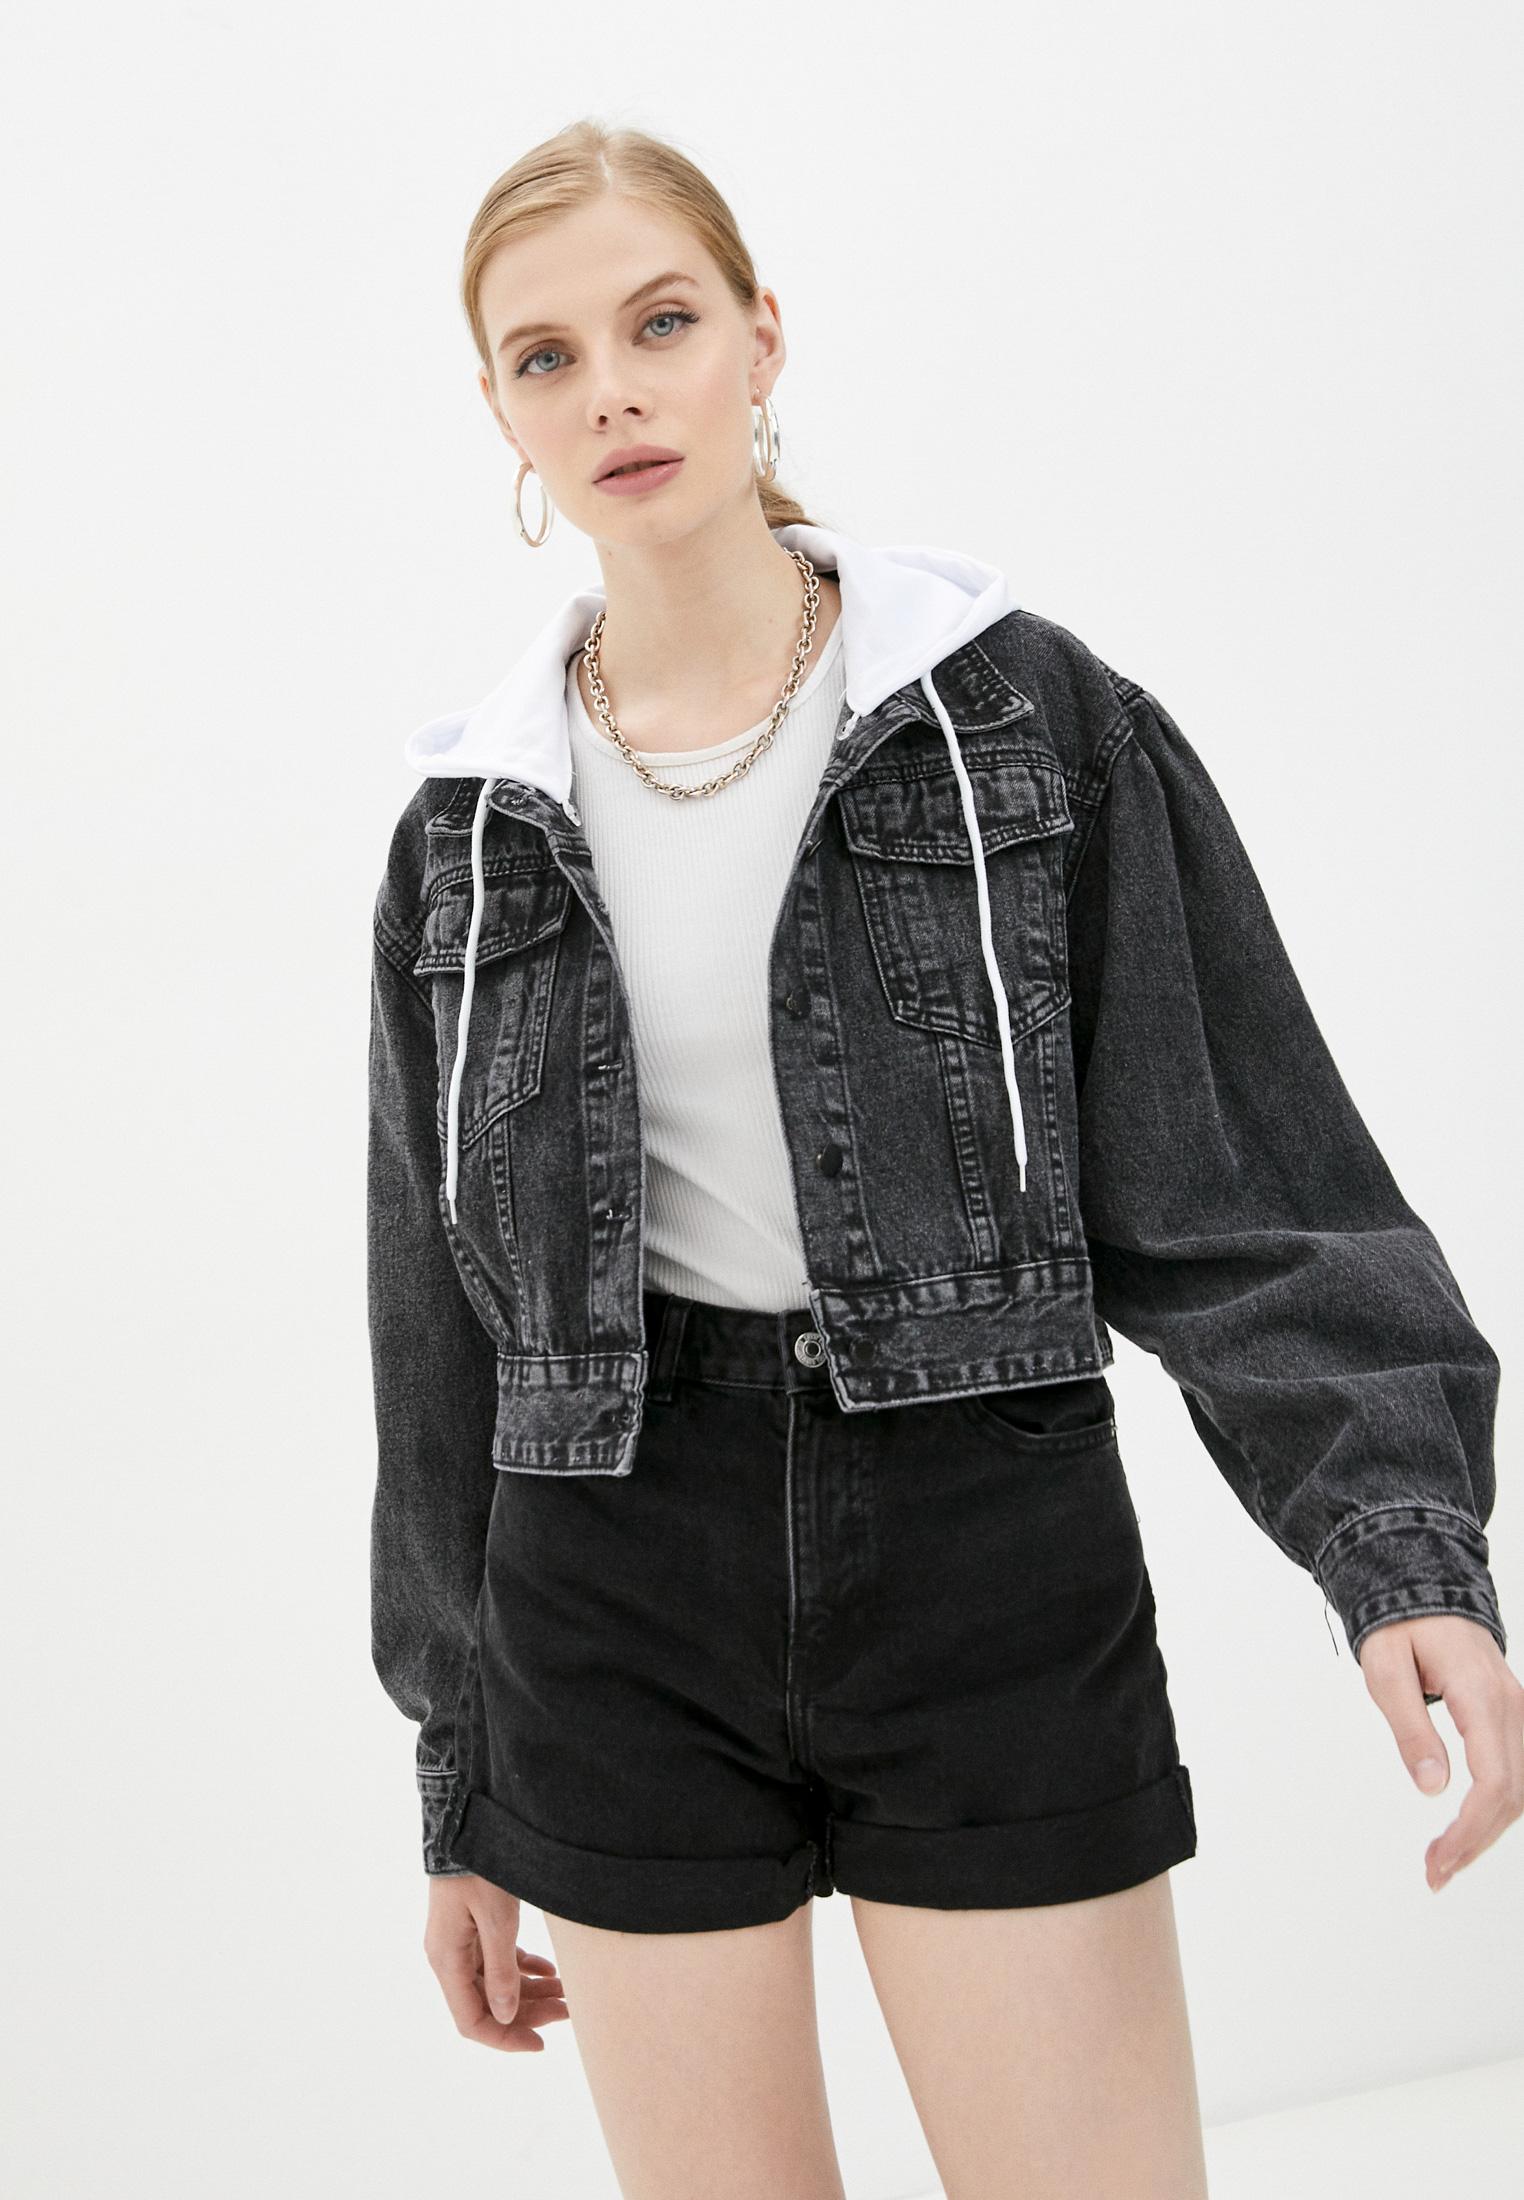 Джинсовая куртка Diverius Куртка джинсовая Diverius